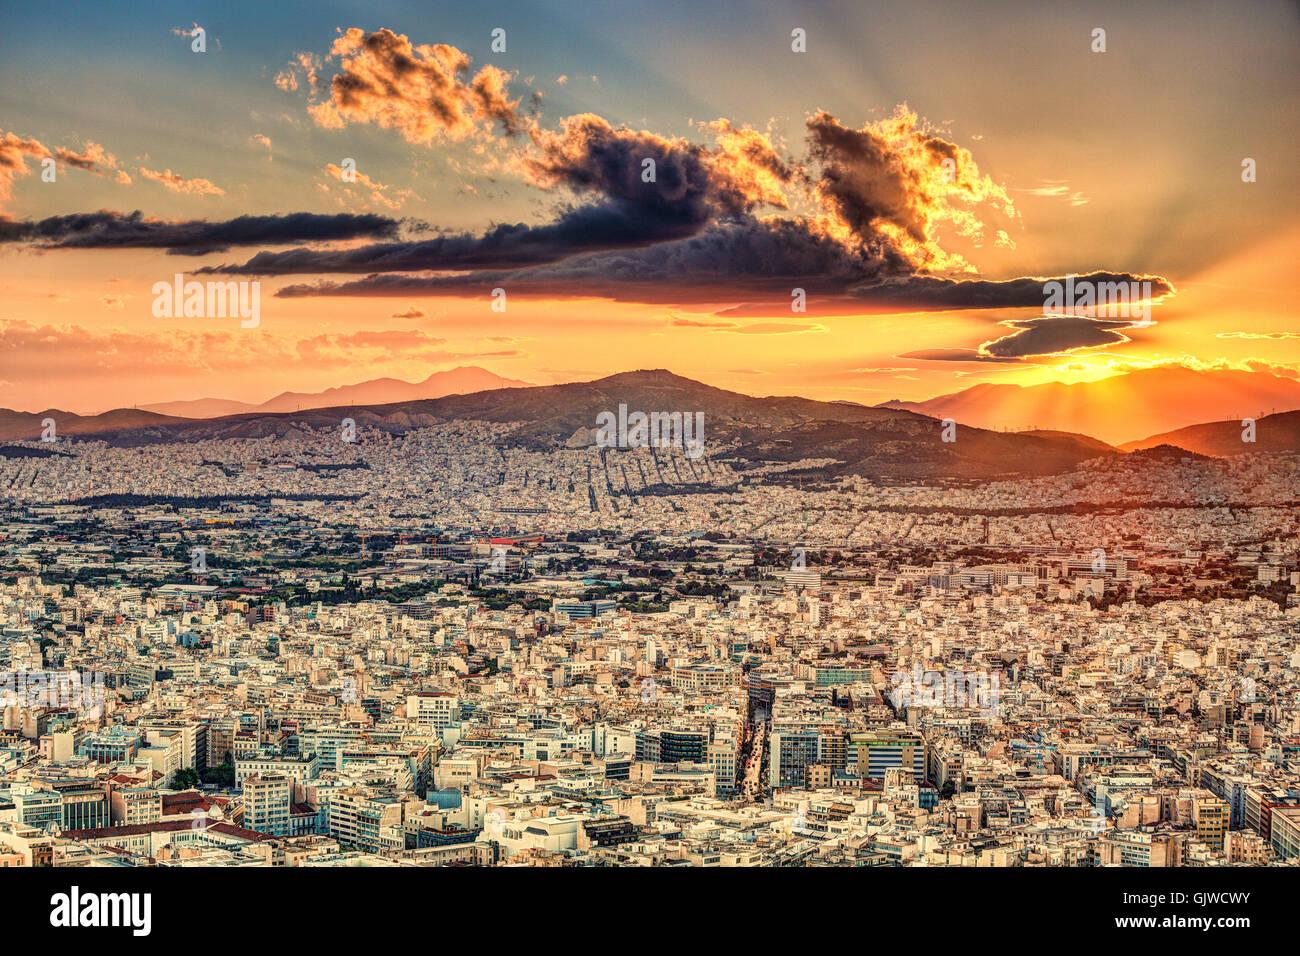 Le coucher de soleil sur le bassin d'Athènes, Grèce Photo Stock